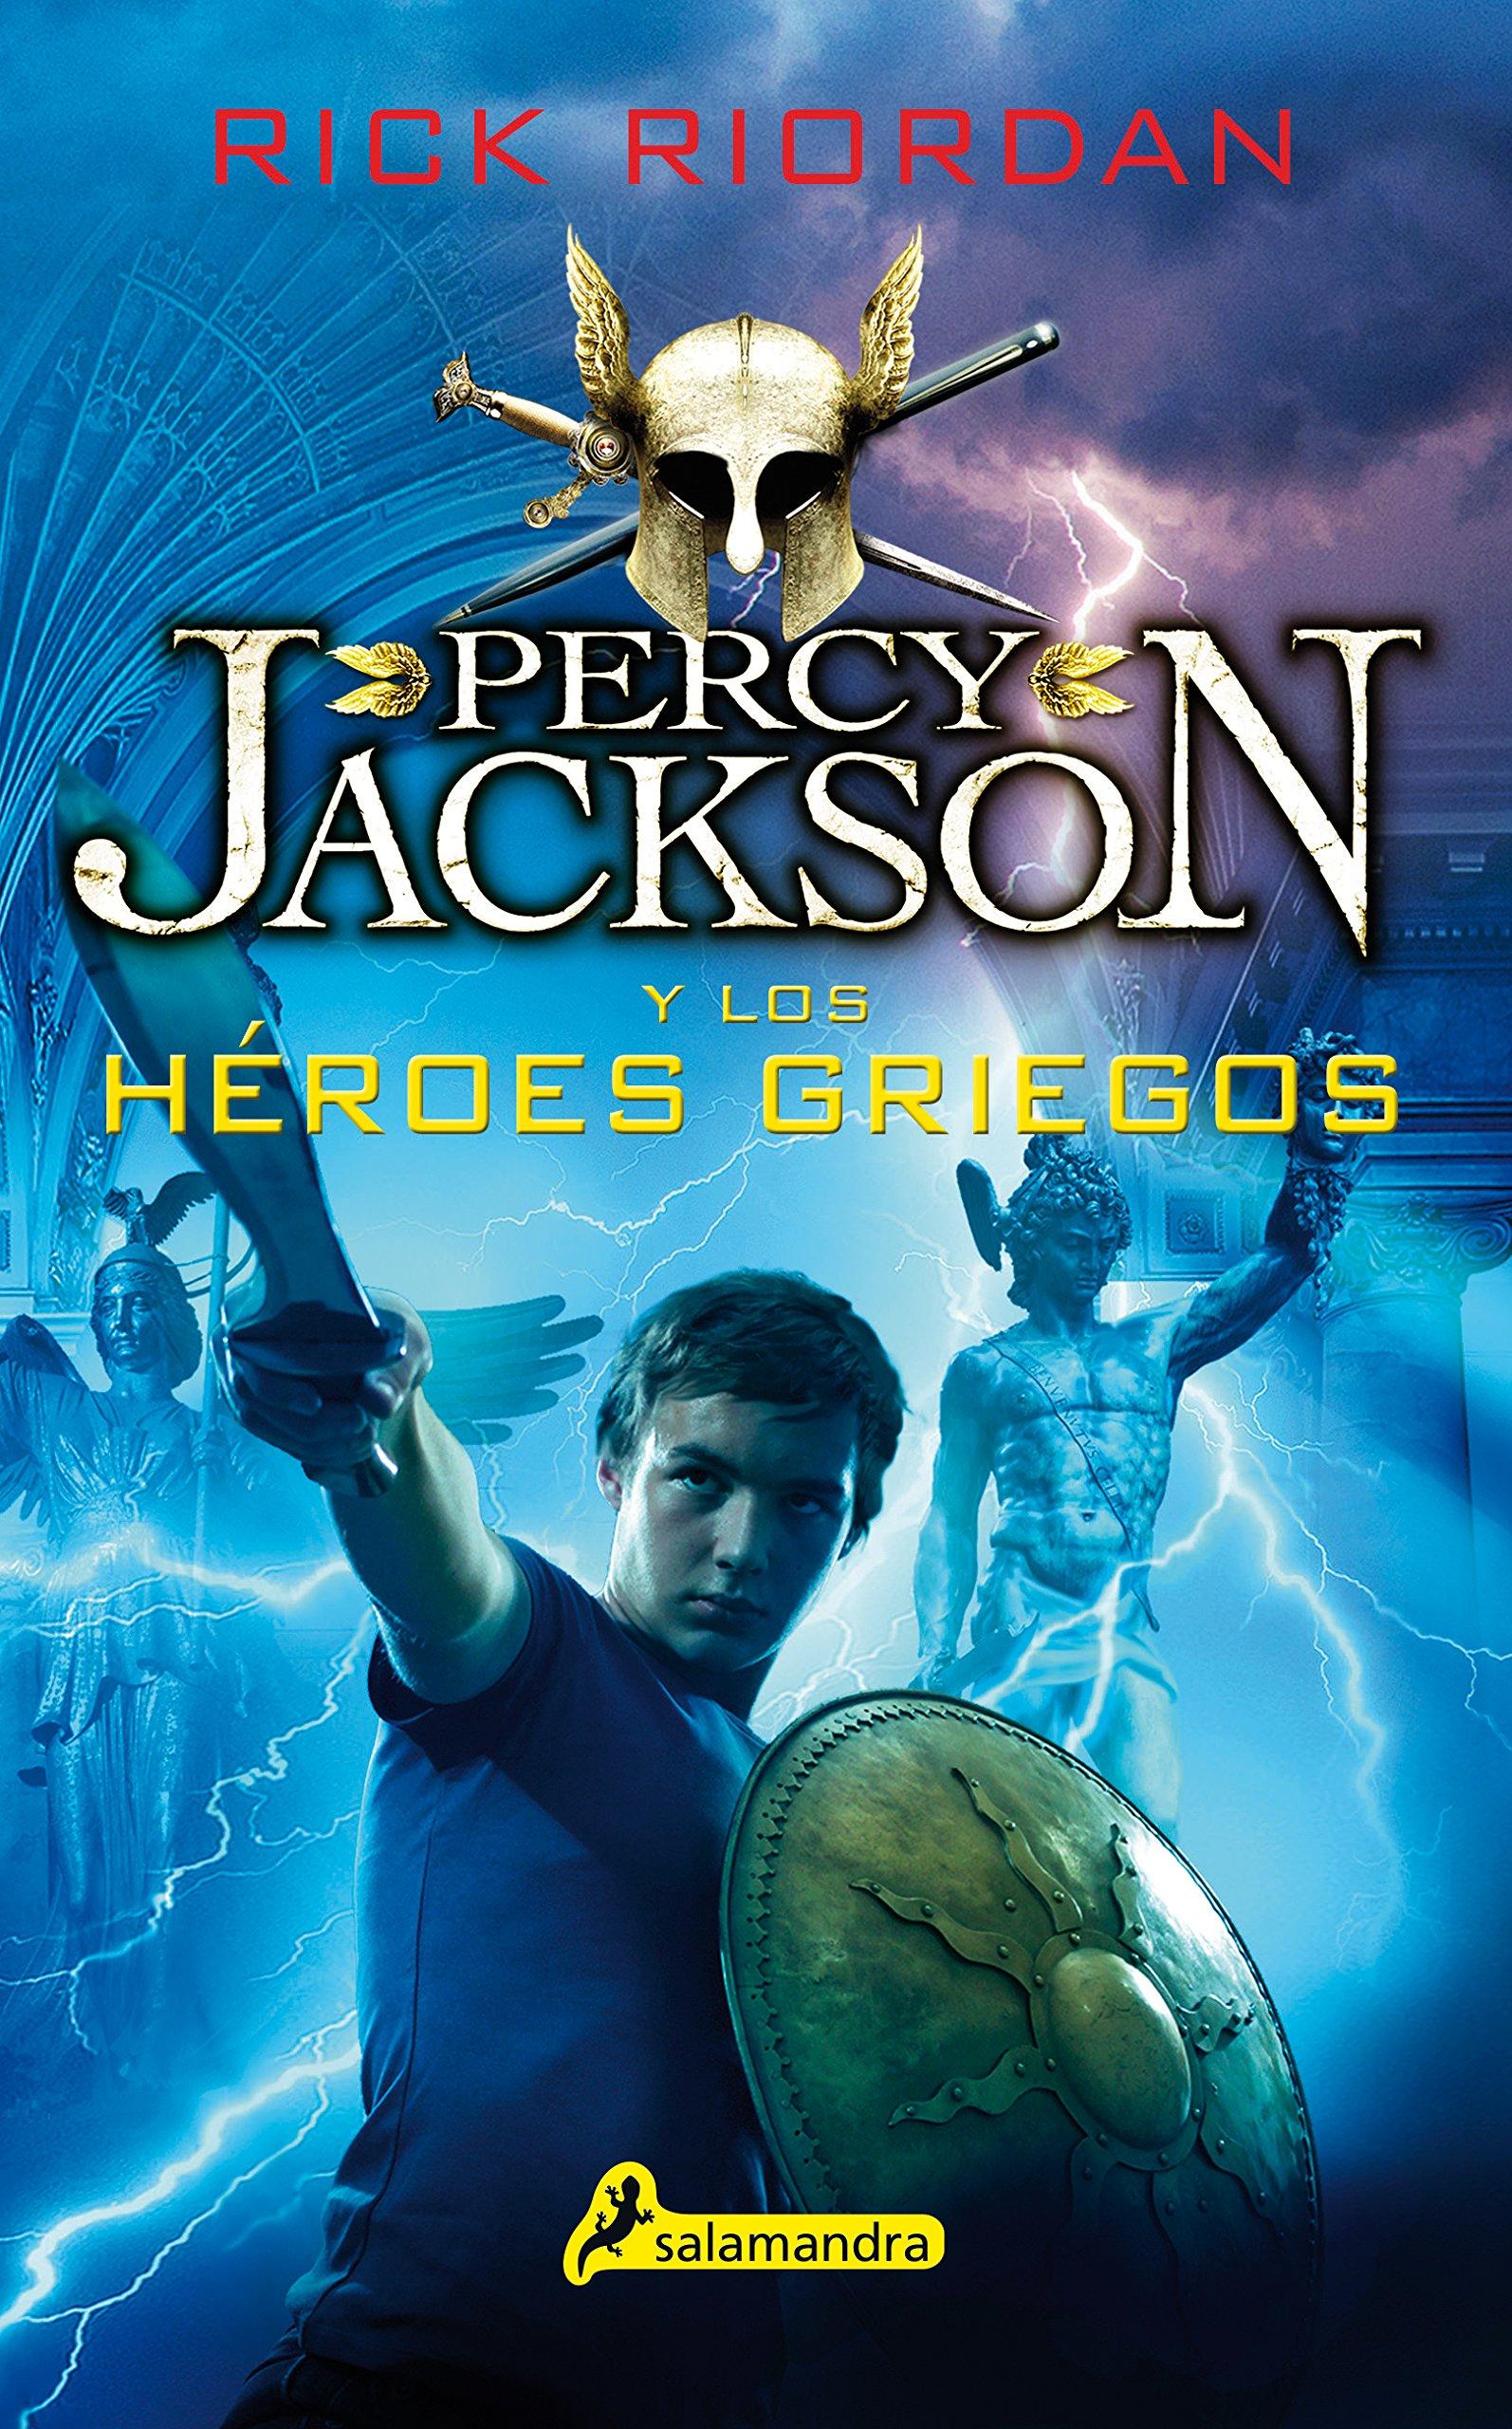 PERCY JACKSON Y LOS HÉROES GRIEGOS (Juvenil): Amazon.es: Rick Riordan: Libros